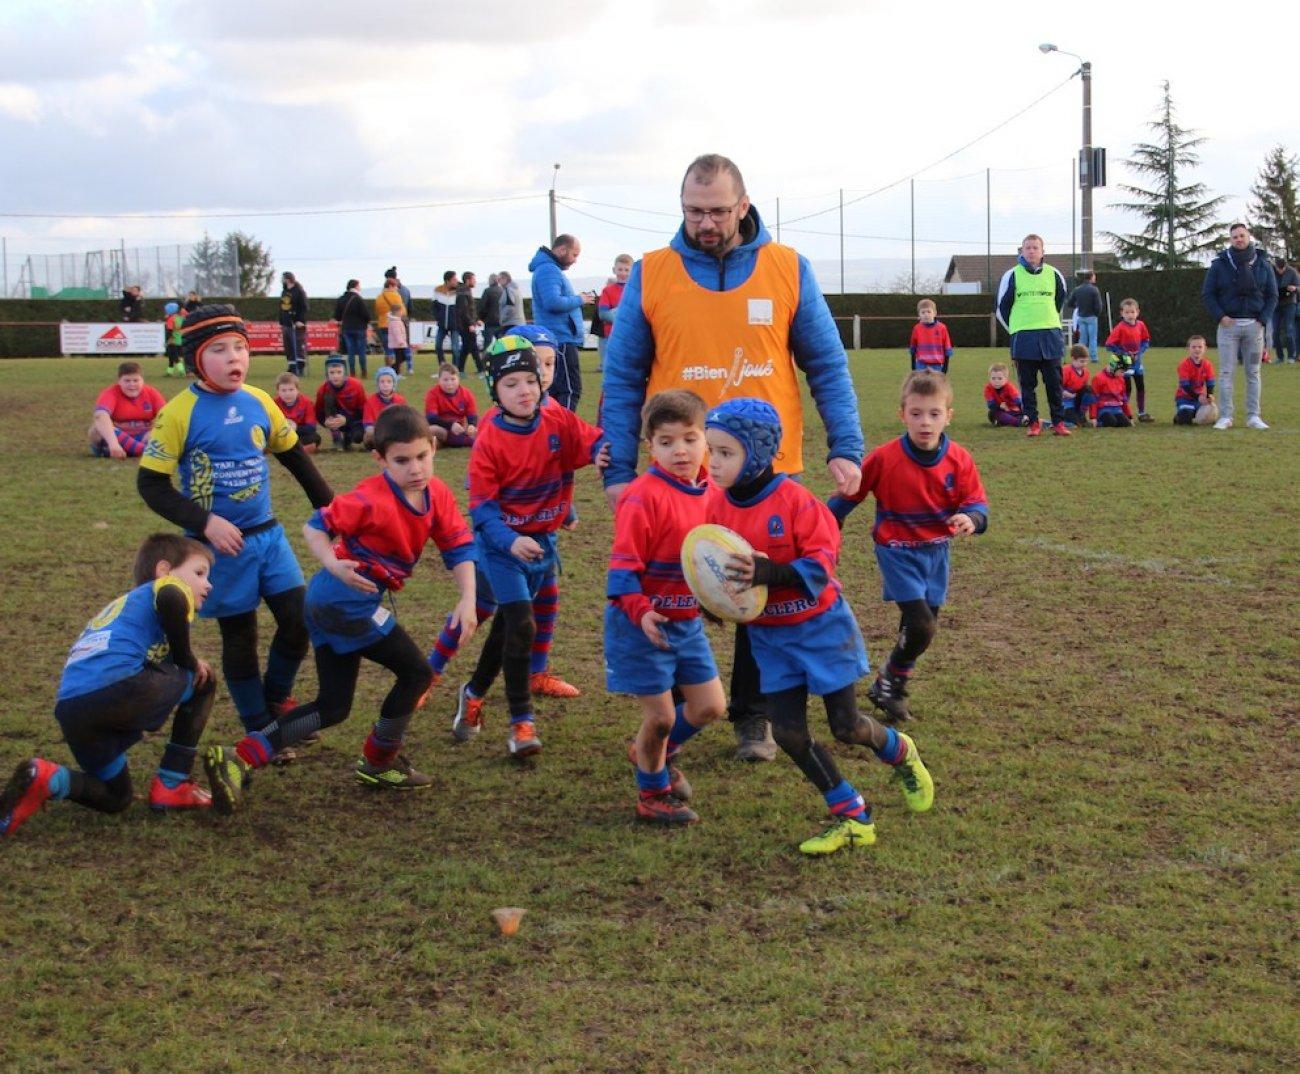 http://bourgogne-infos.com/medias/1287/rugby-les-jeunes-pousses-de-l-a-s-autunoise-de-retour-a-la-competition-121822.jpg